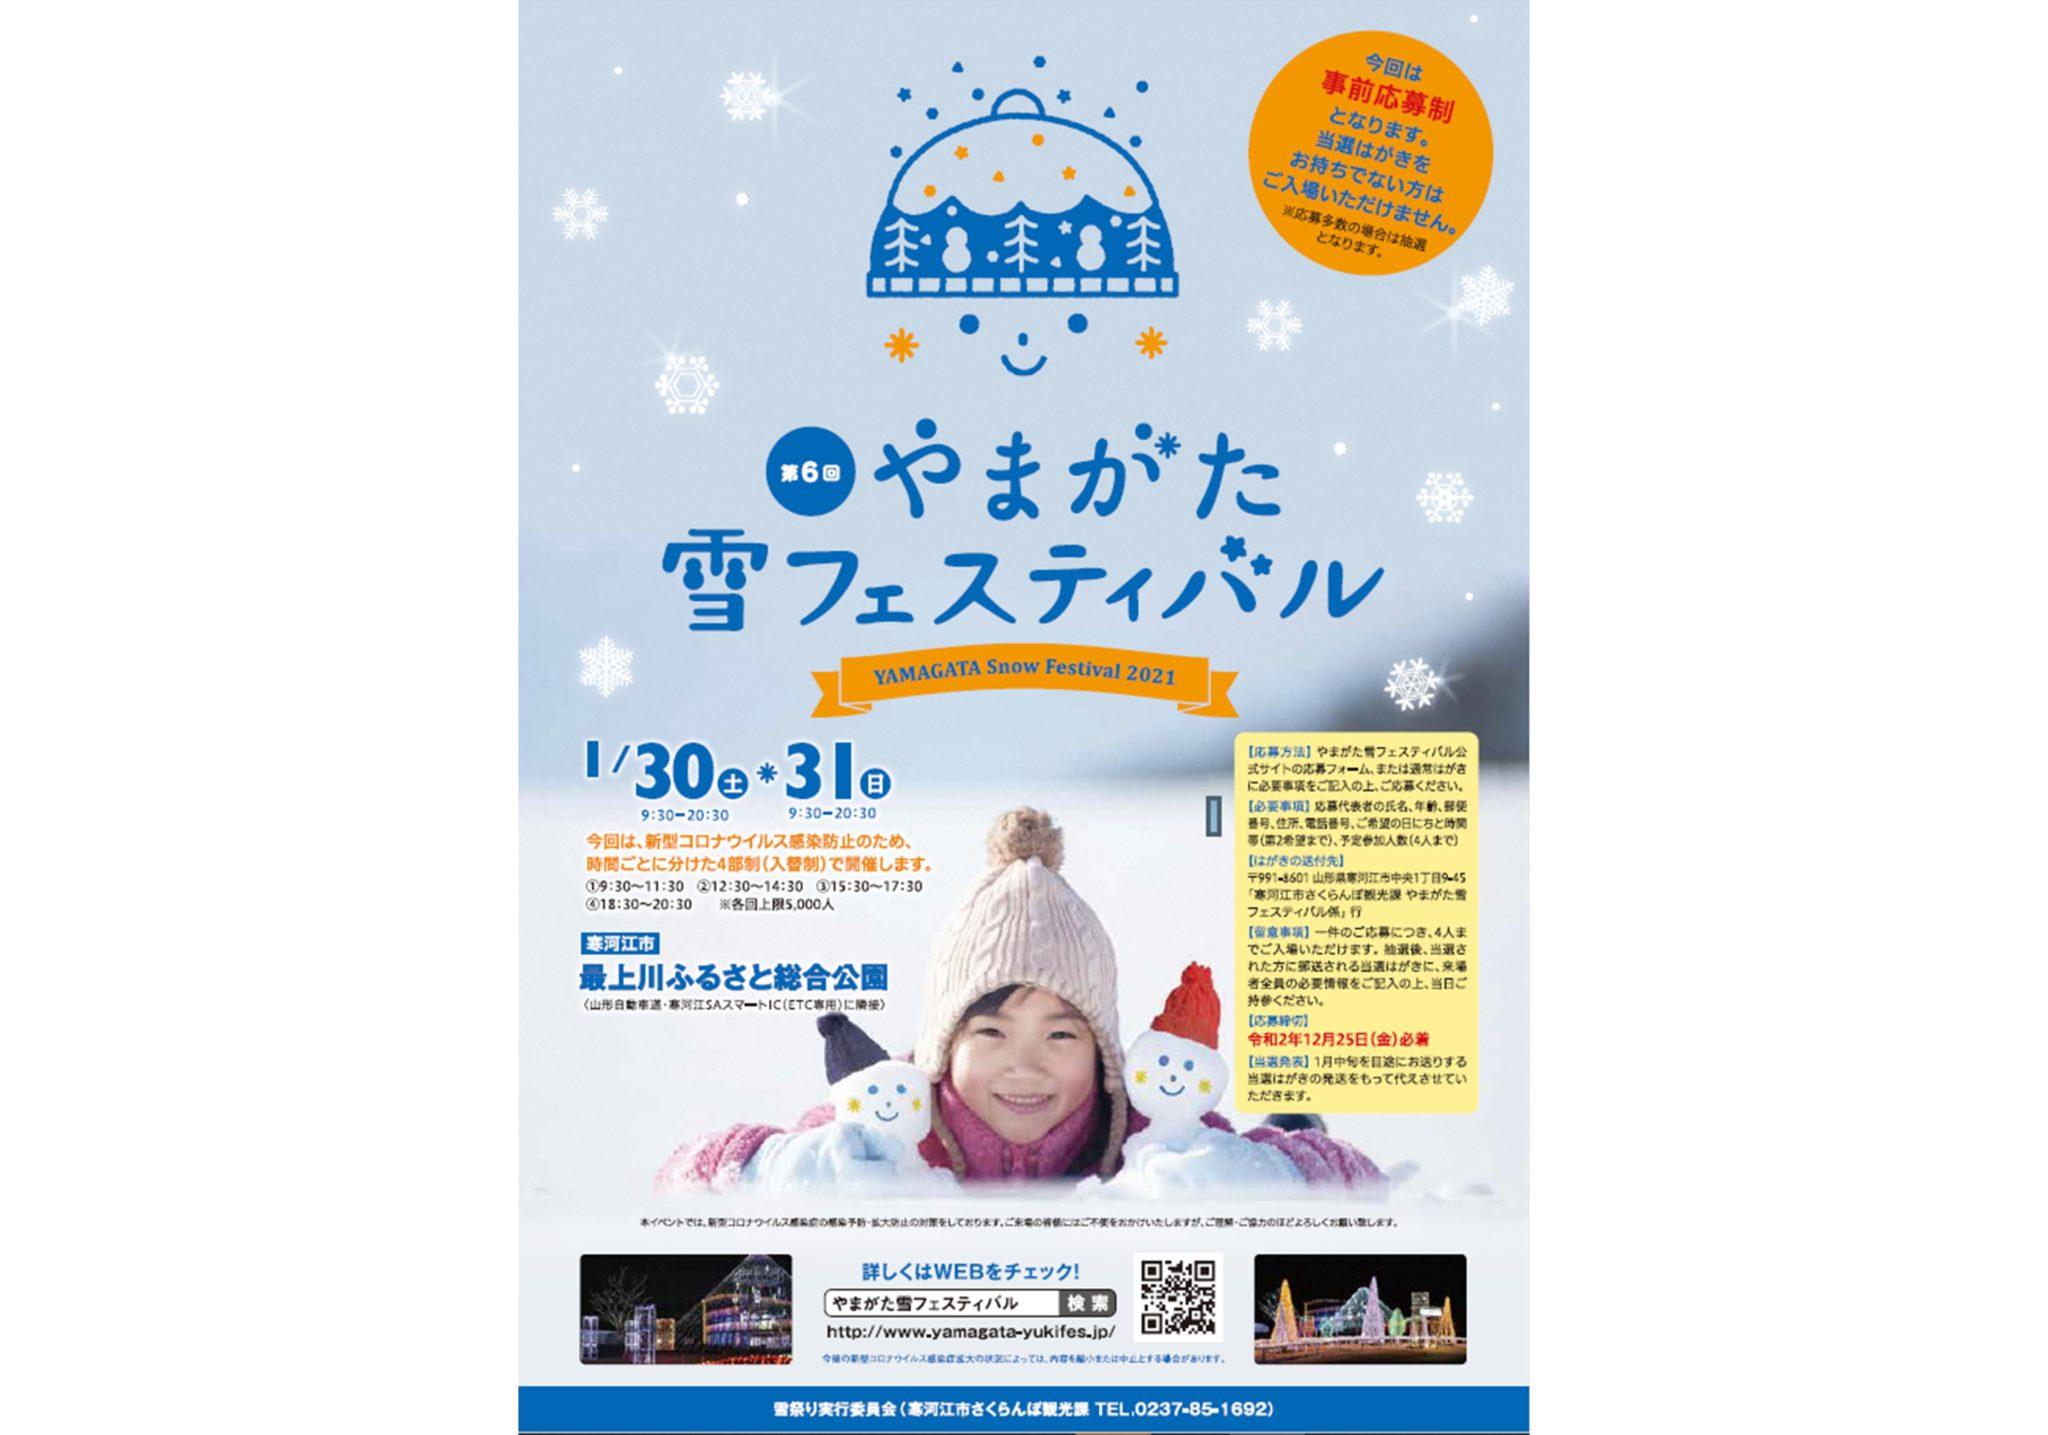 第6回 やまがた雪フェスティバル